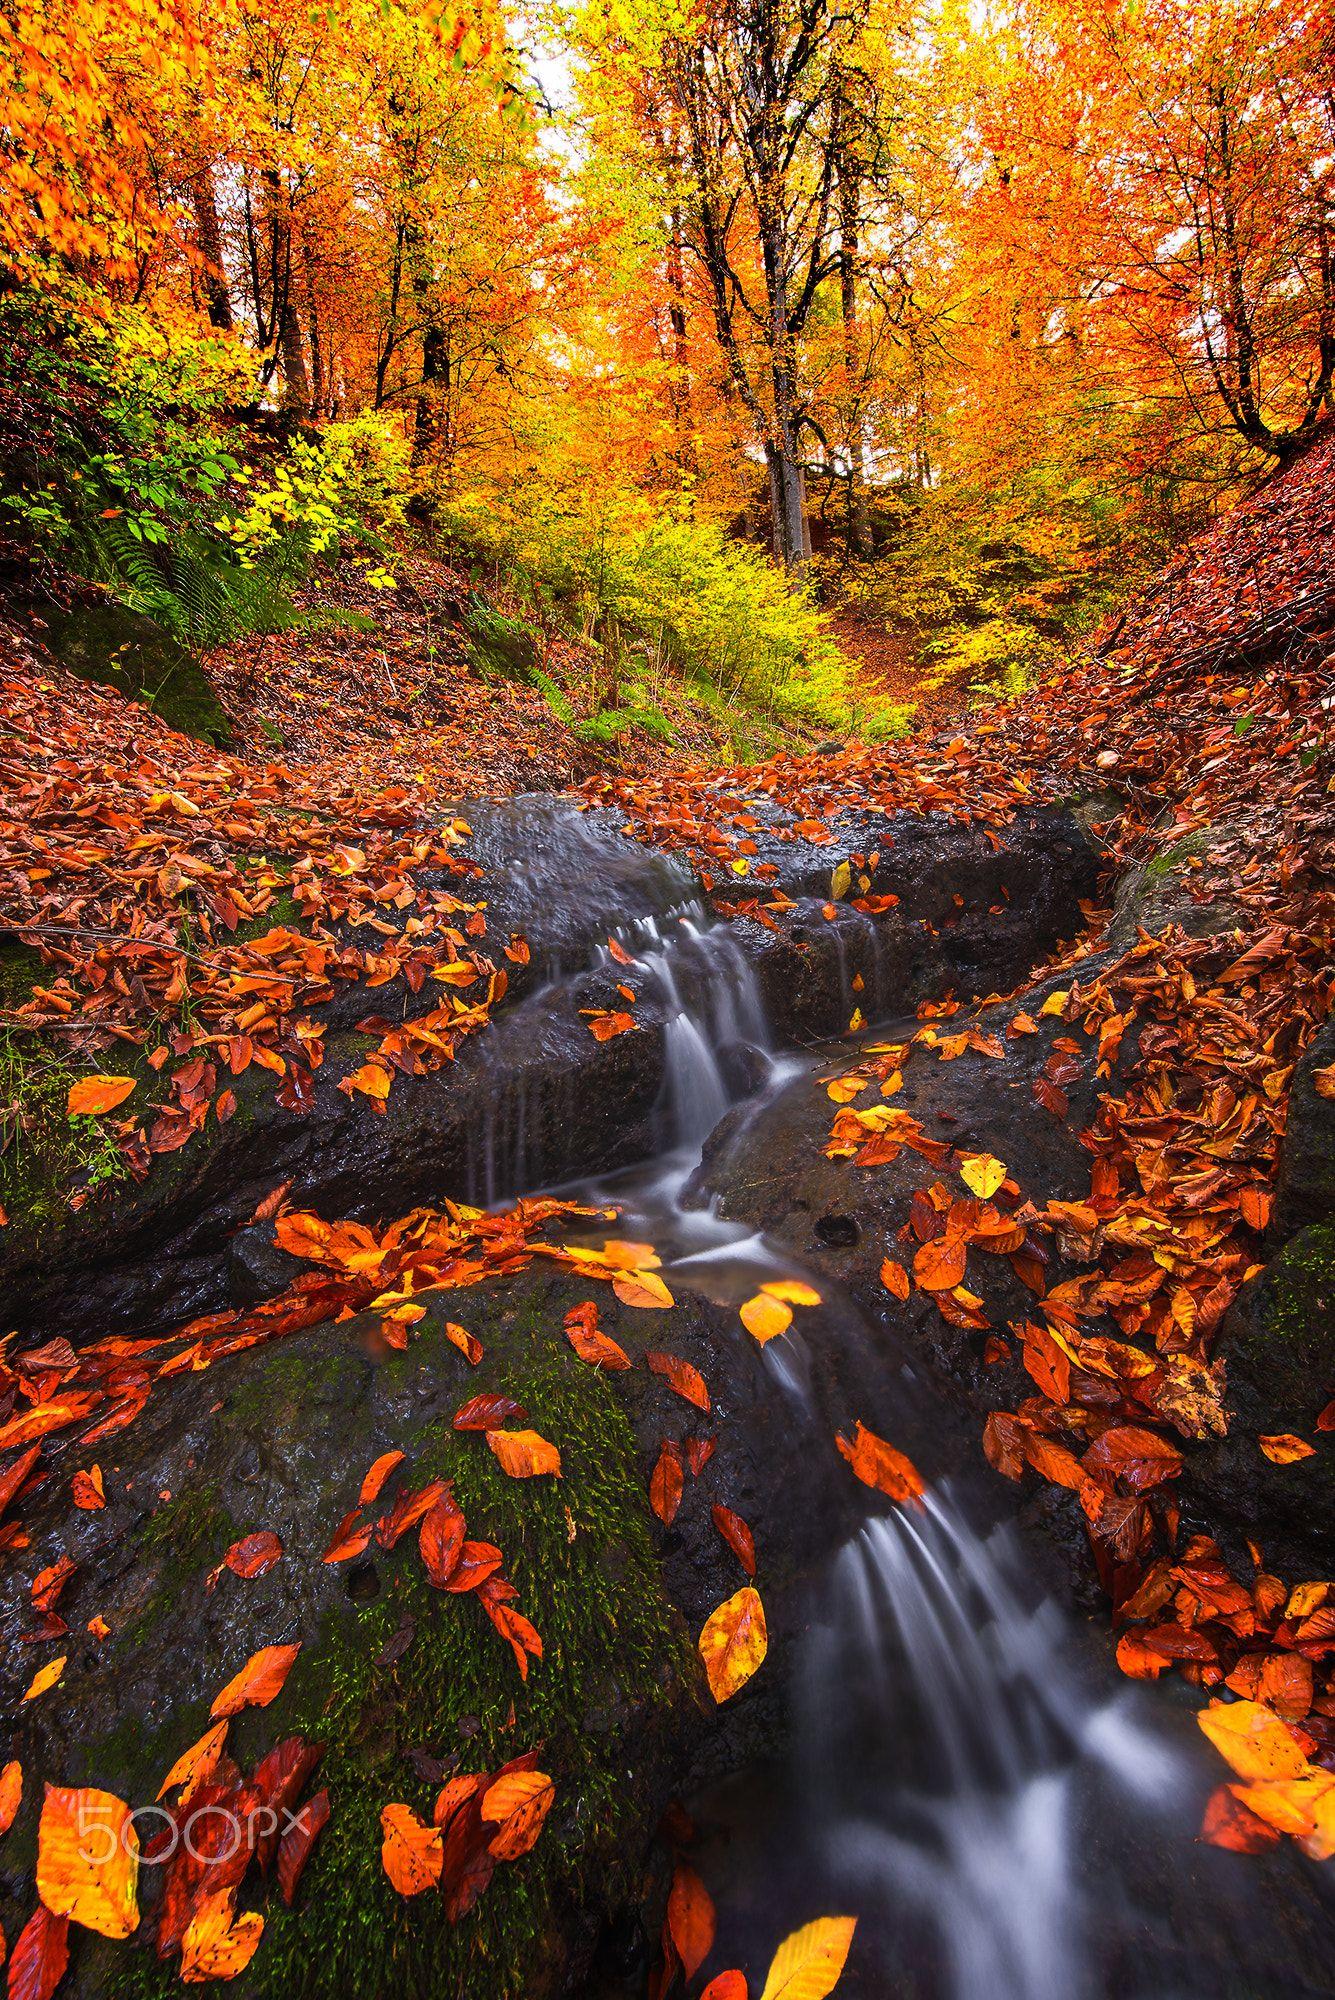 Autumn Dream Follow Me In Instagram Https Www Instagram Com Saeedyounesi Autumn Landscape Autumn Scenery Landscape